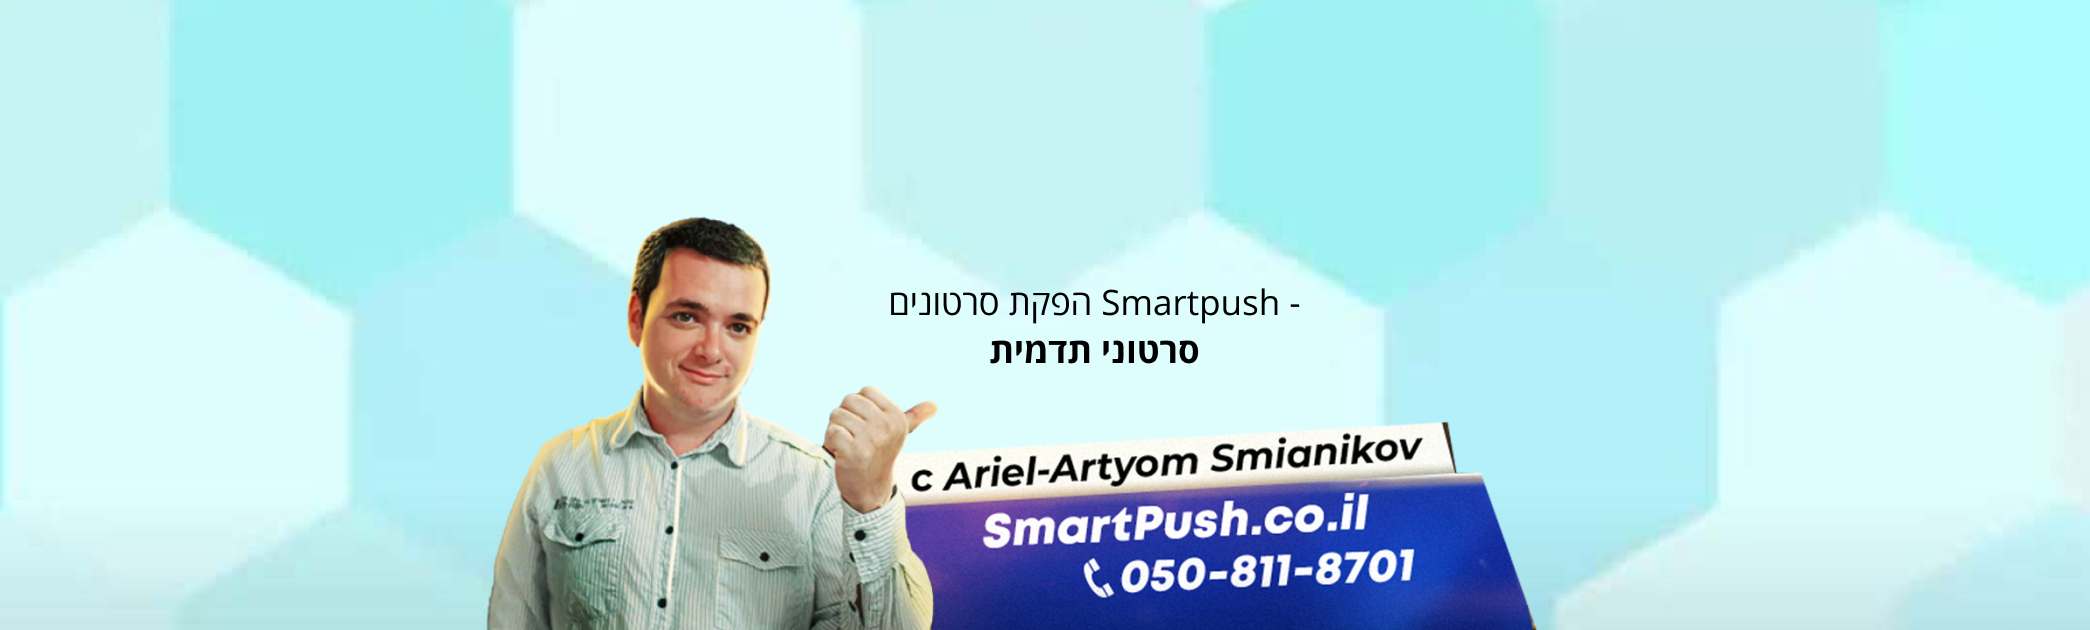 םינוטרס תקפה Smartpush -סרטוני תדמית